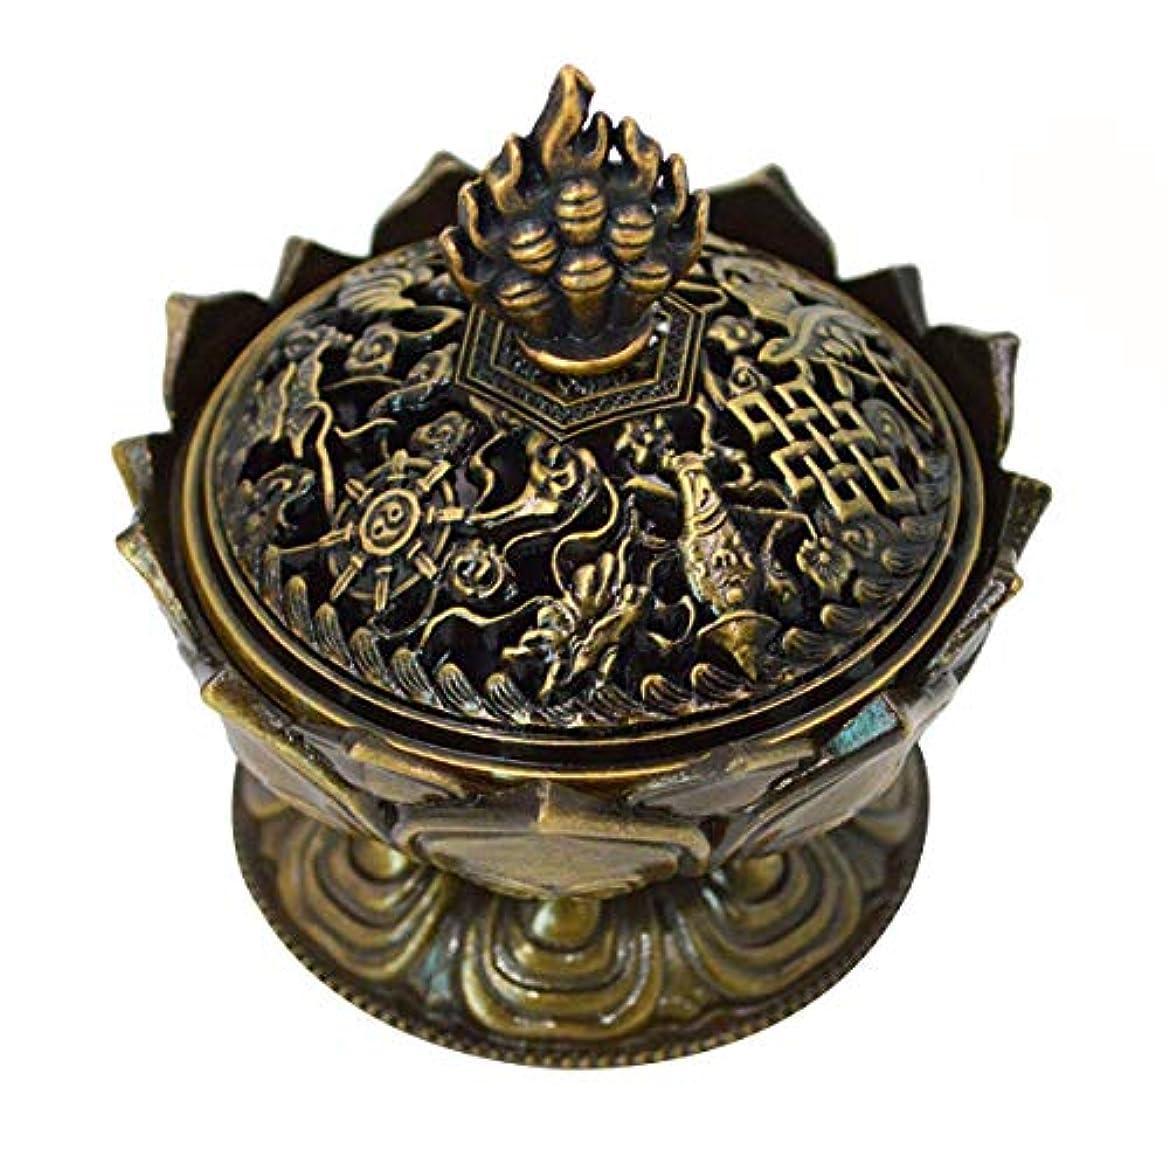 栄光のサーバ金銭的な(Bronze) - Buddha Lotus Flower Incense Burner Alloy Metal Incense Holder Censer Creative Christmas Gifts (Bronze)